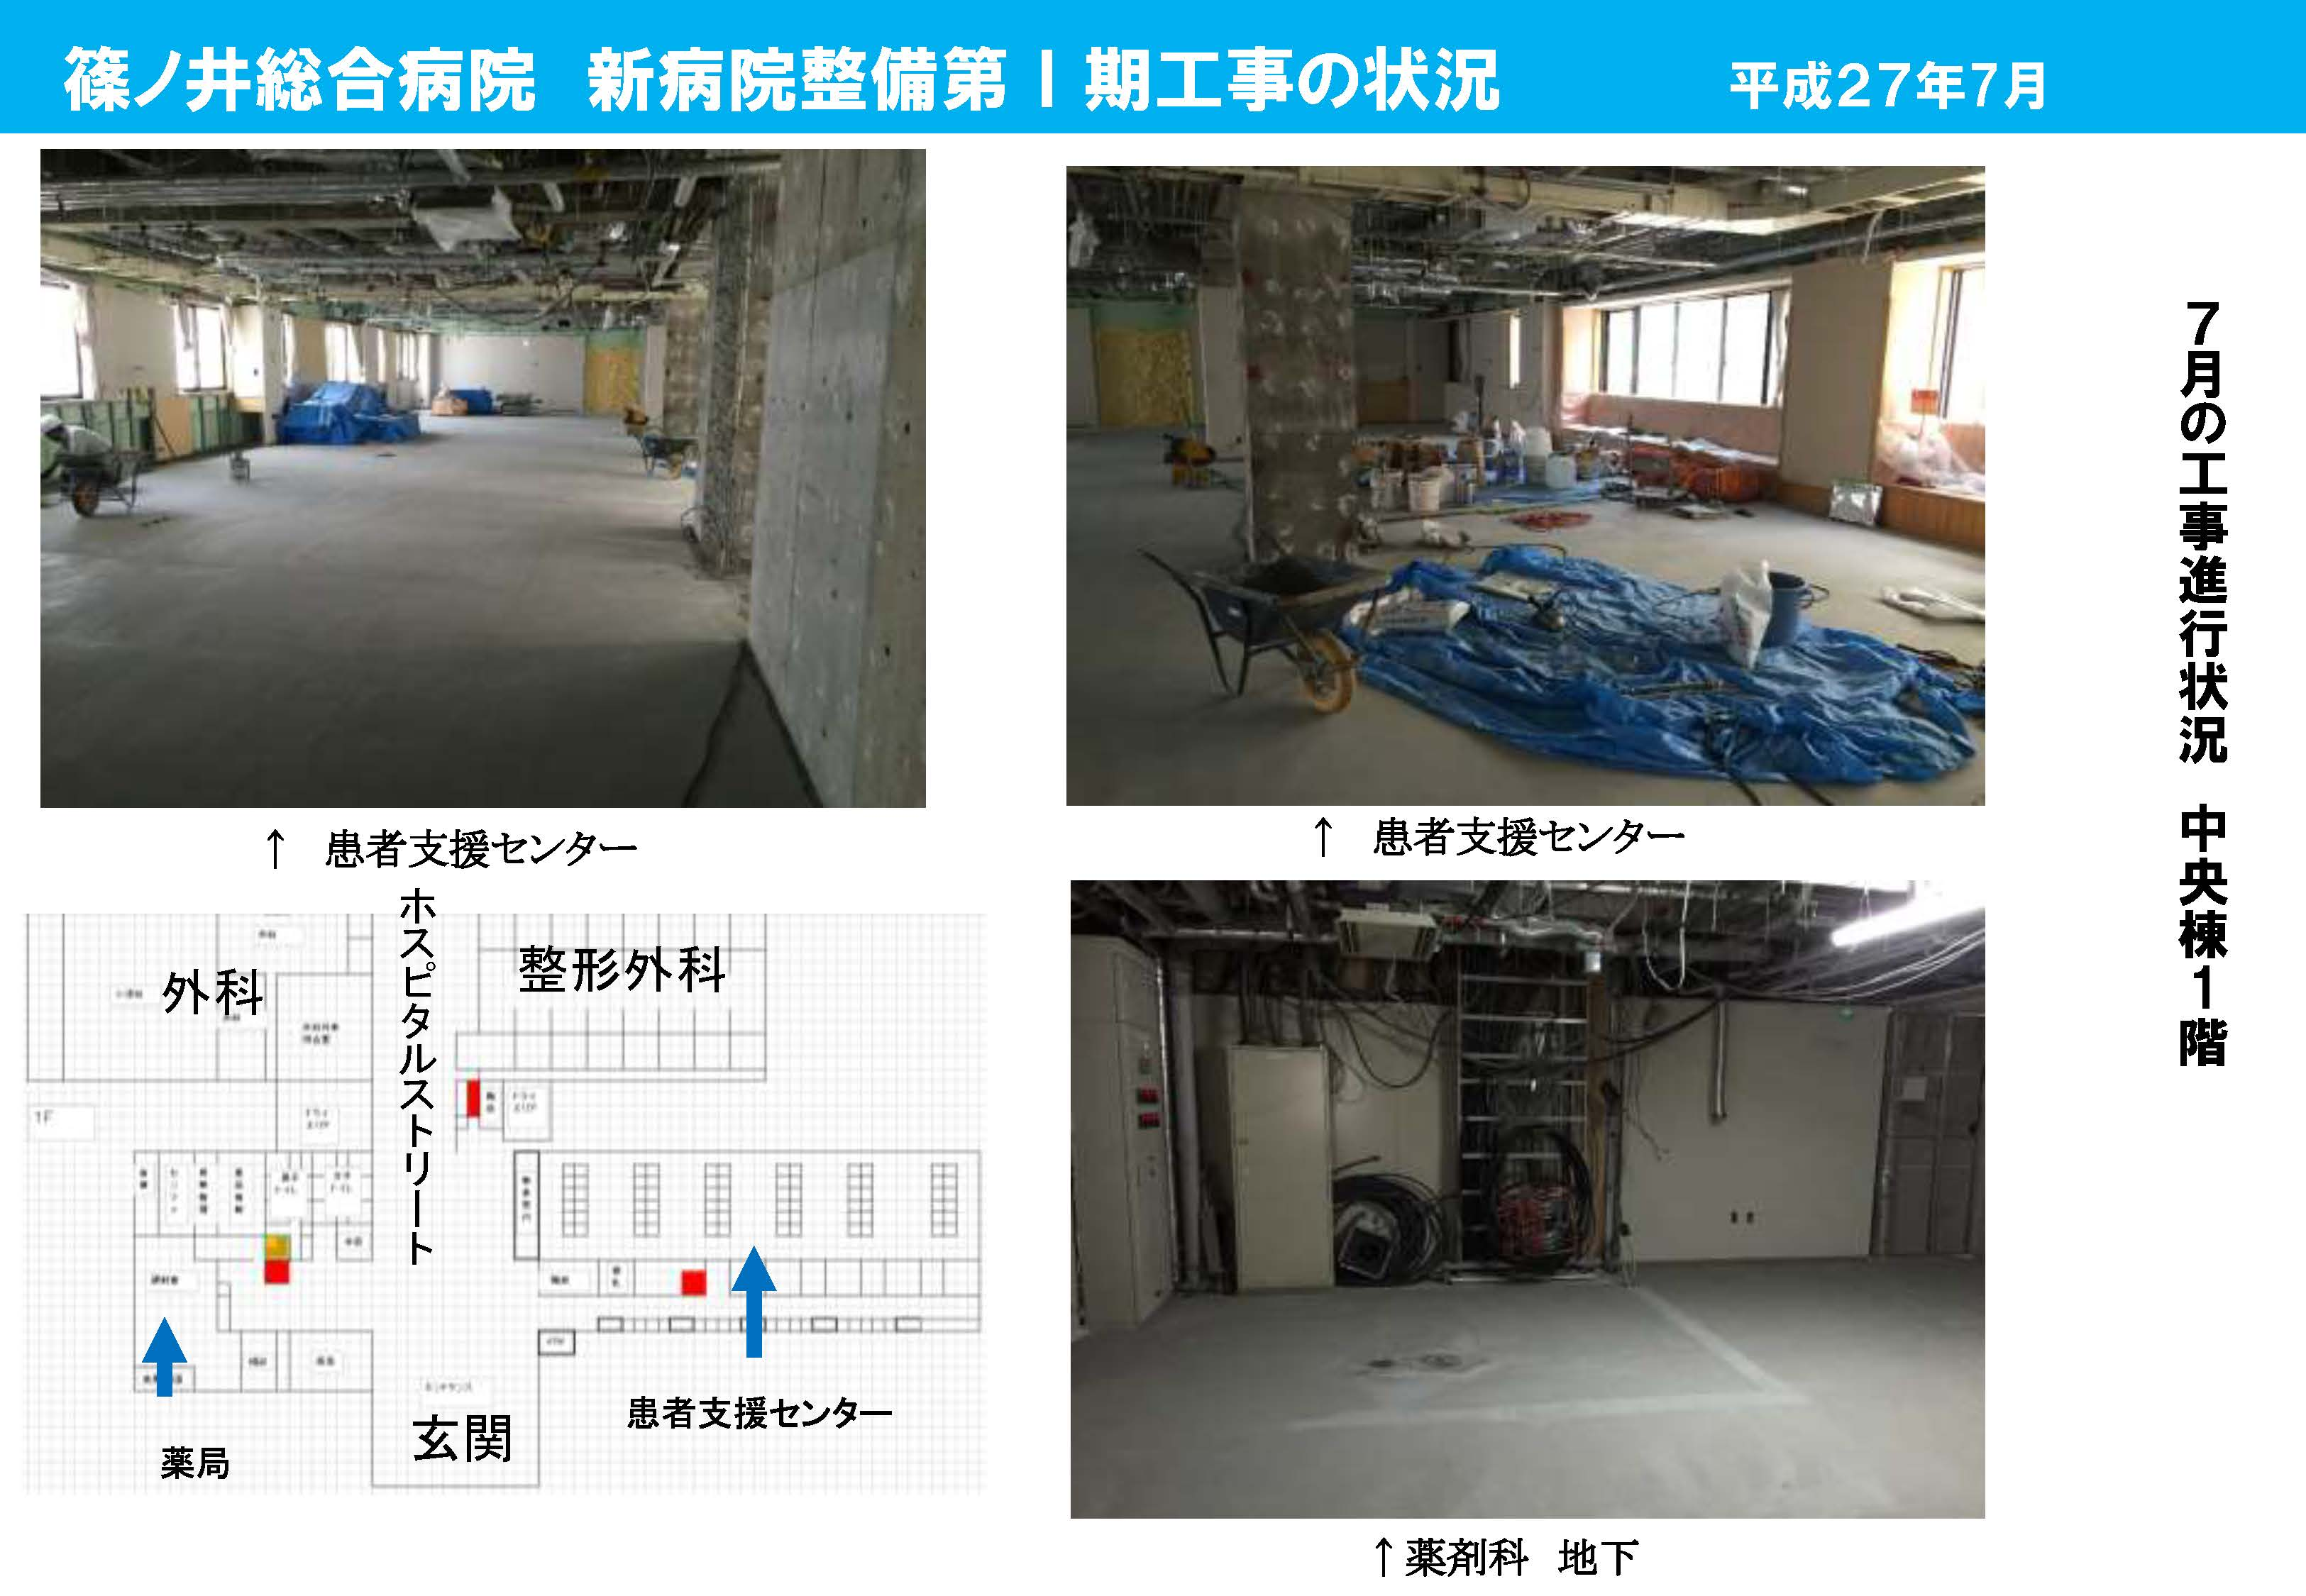 工事写真ニュース201507.1_ページ_4